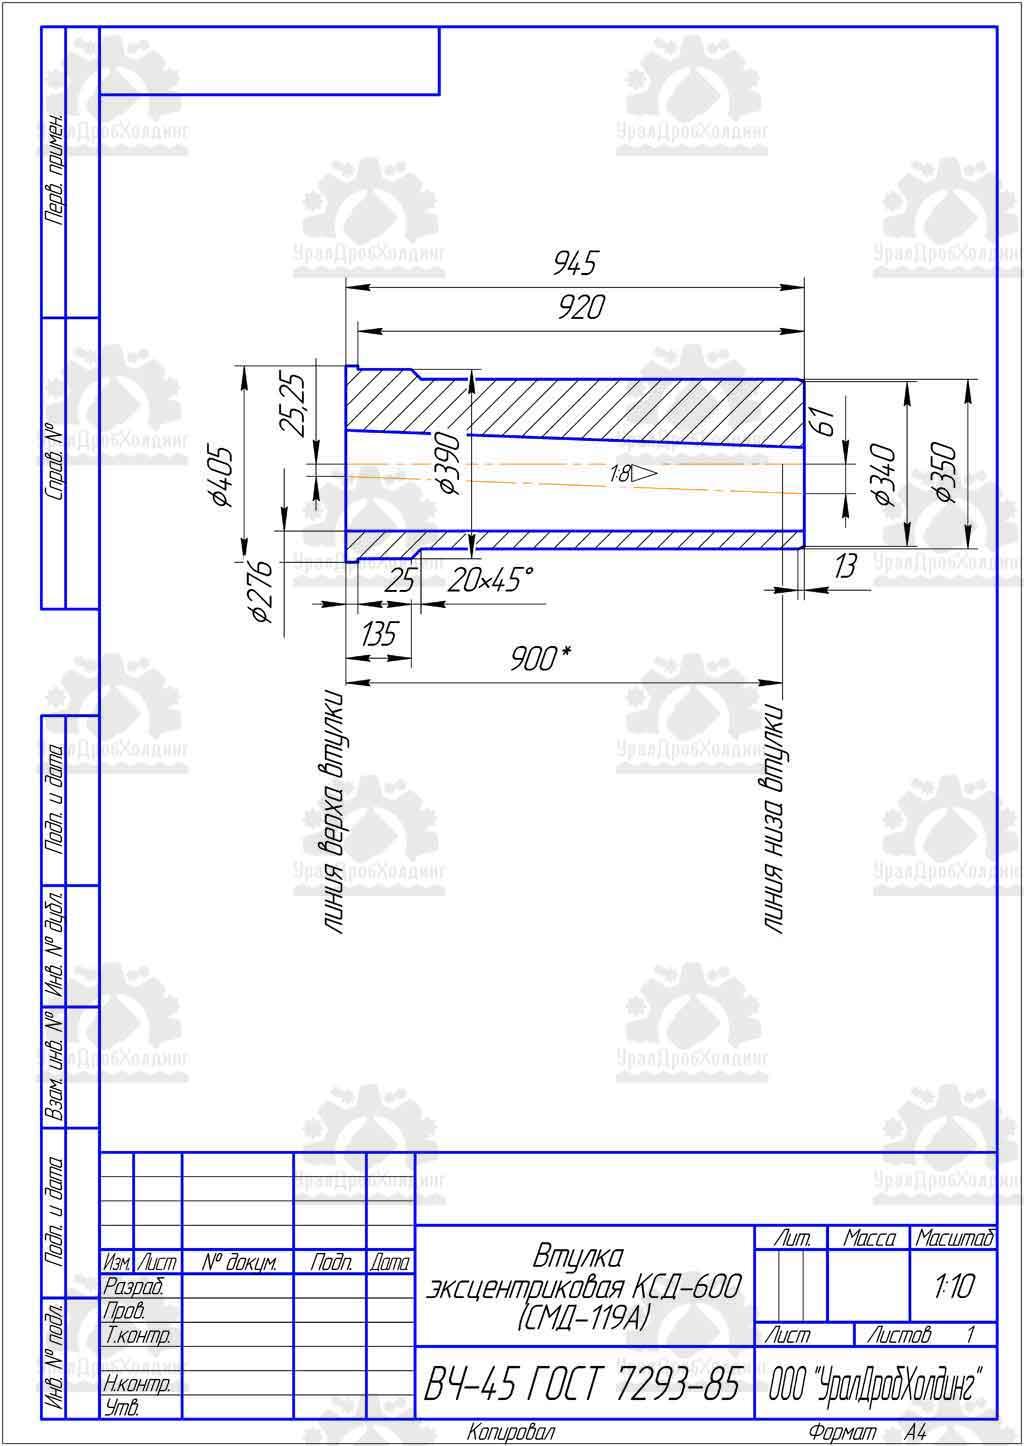 Челябинск конусный дробилки ксд-900, 1200т прицепная дробилка для бетона